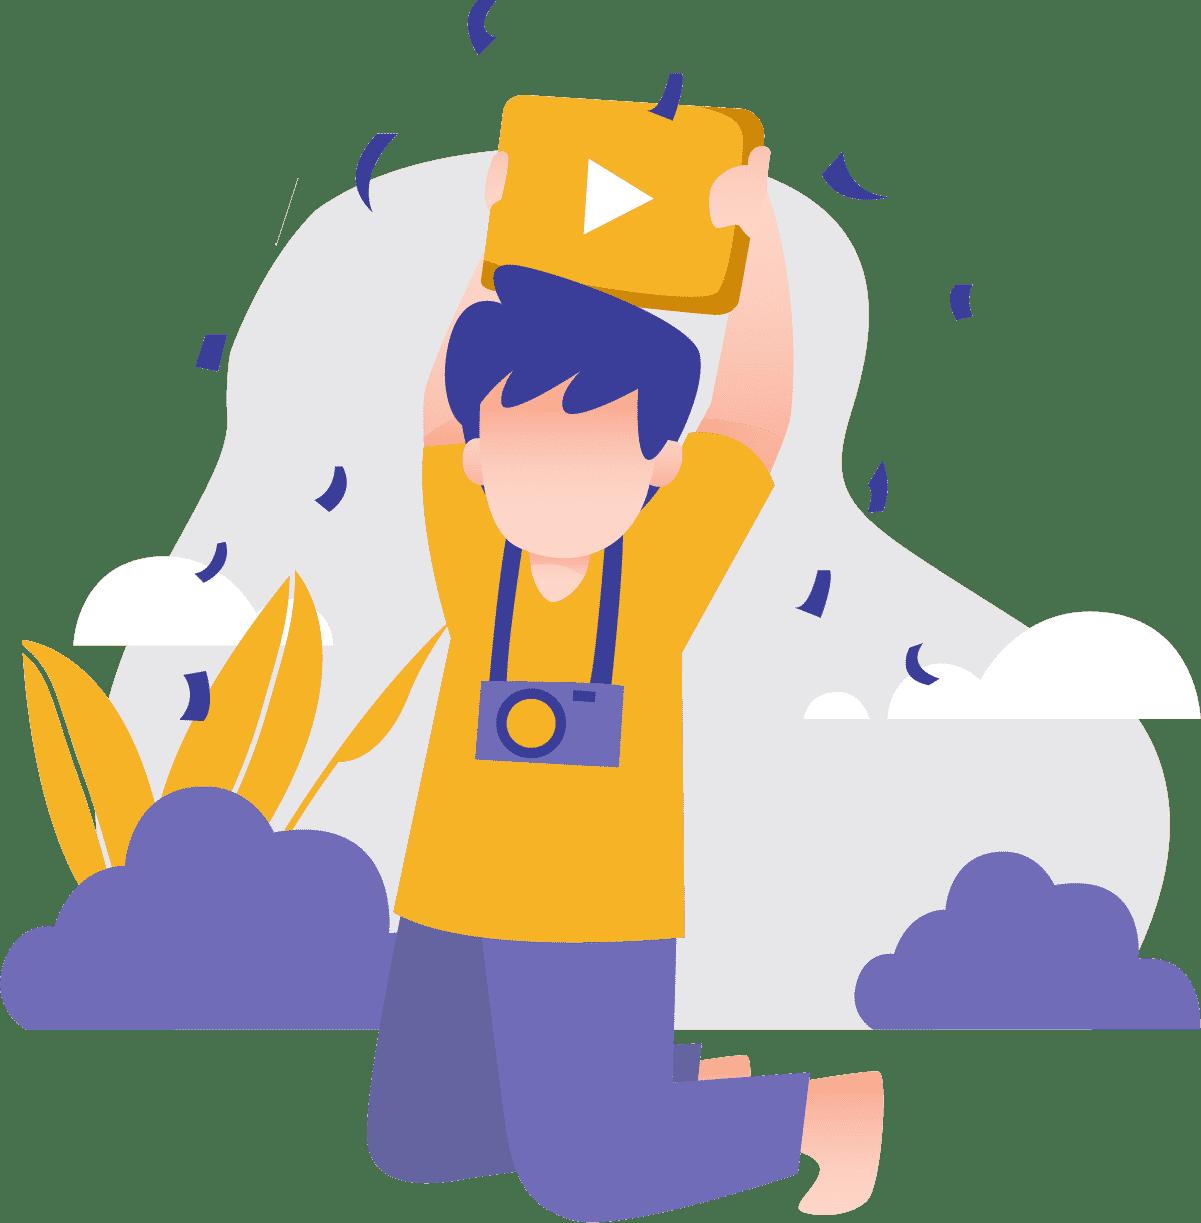 Criar conteúdo para top pesquisas dentro da plataforma